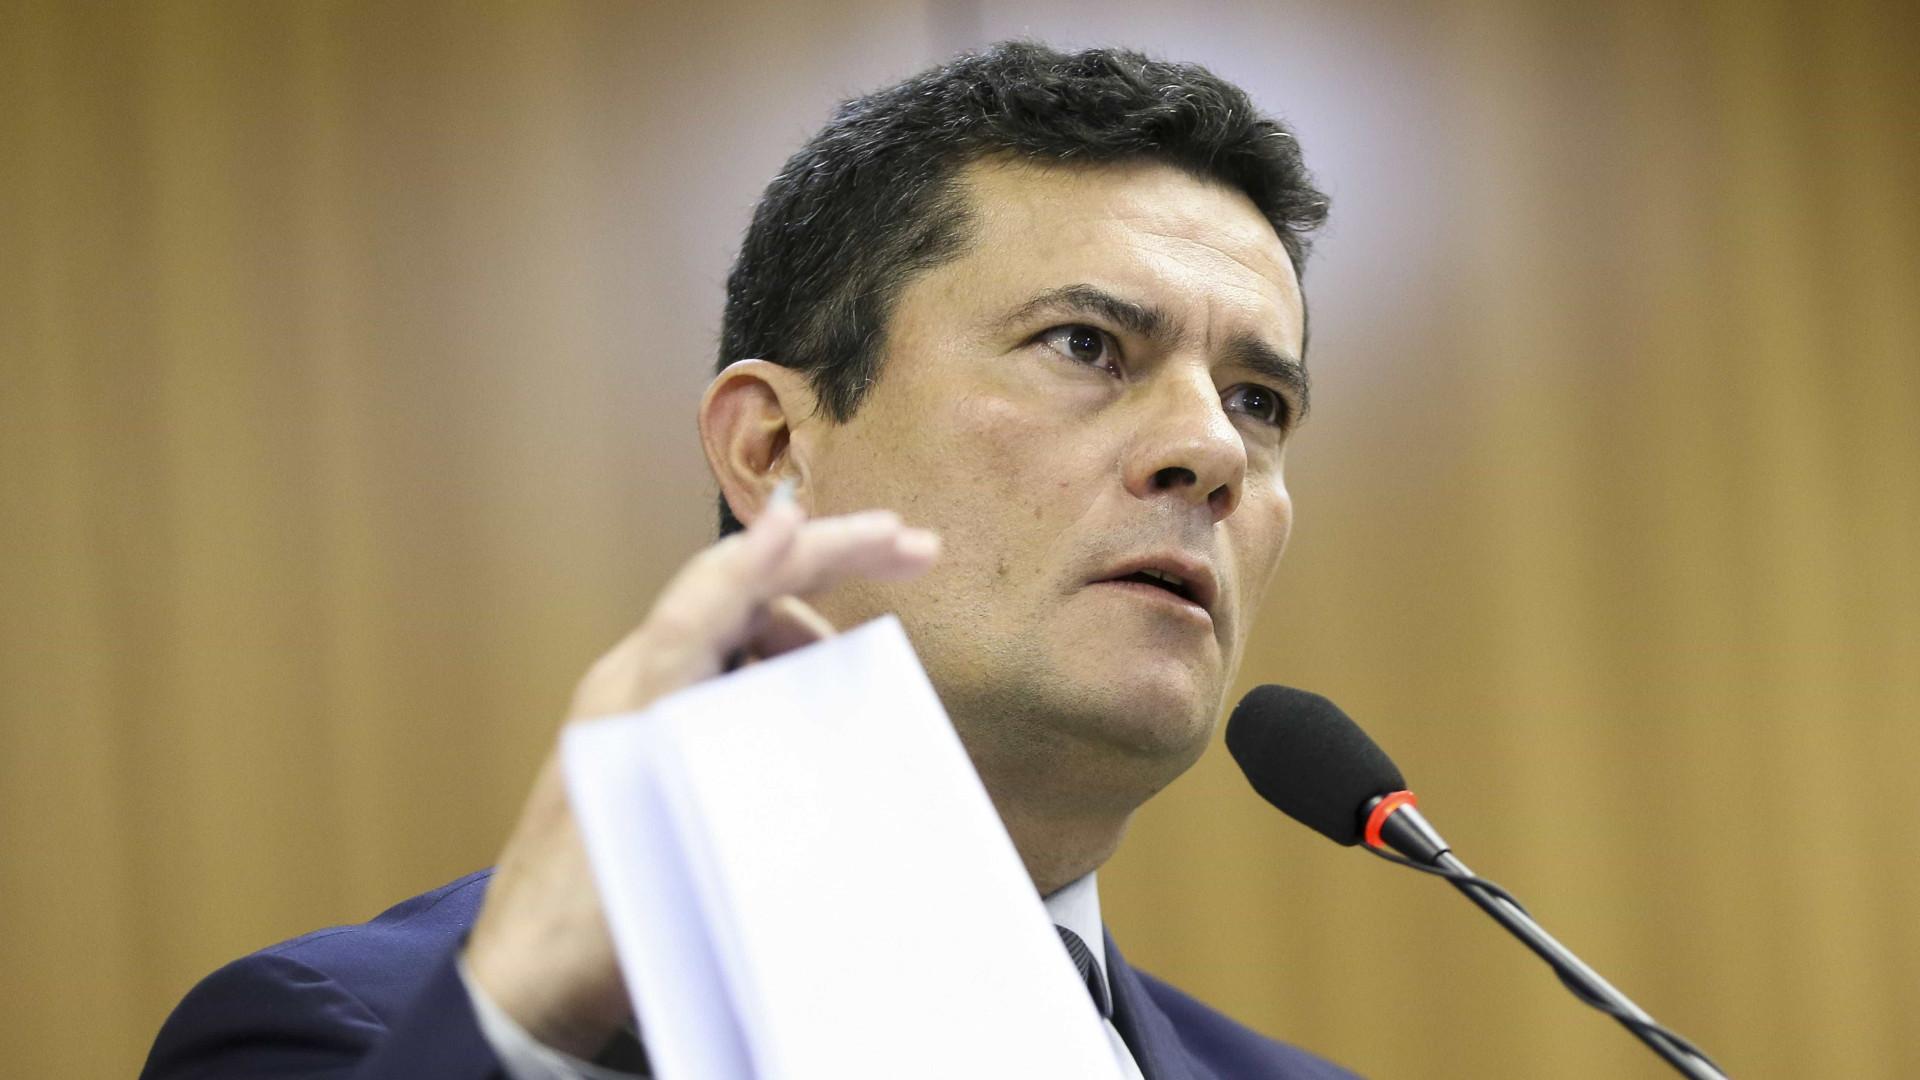 Instituto dos Advogados rejeita 17 das 19 medidas anticrime de Moro